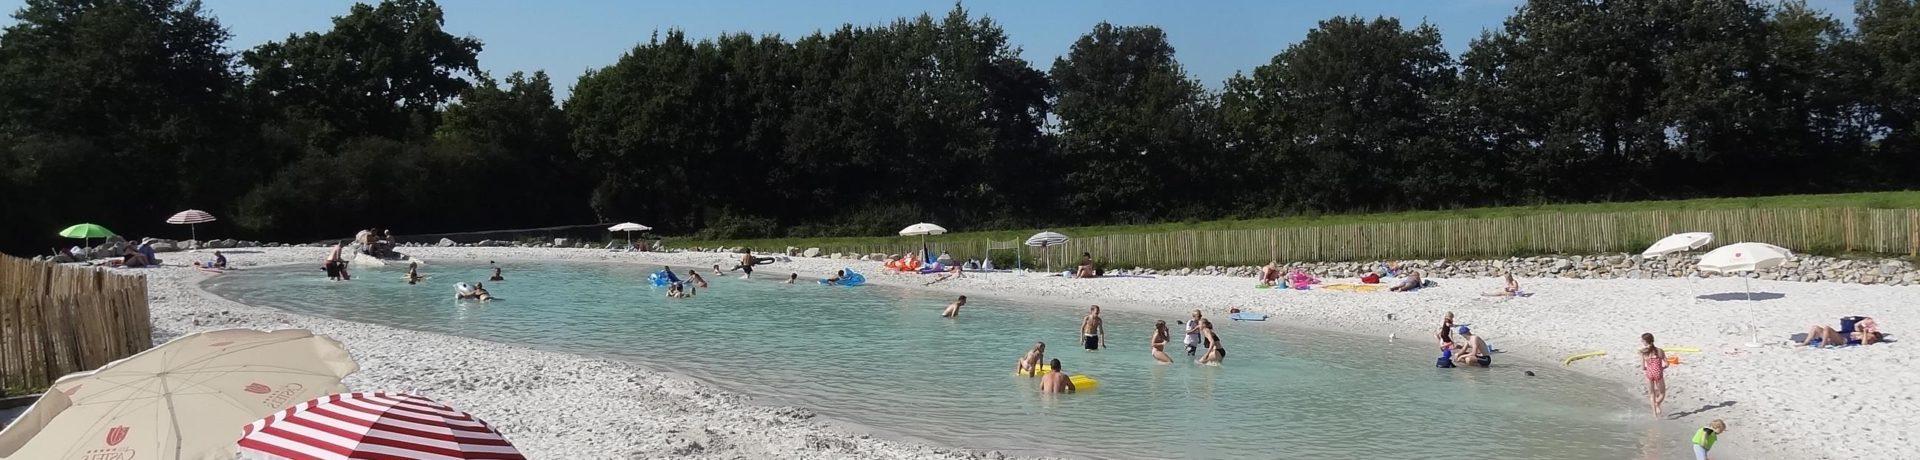 Camping La Garangeoire is een 5-sterren familiecamping met zwembad in de Vendée bij Saint-Julien-des-Landes op 15 minuten van de zee en de prachtige stranden van de Vendée.